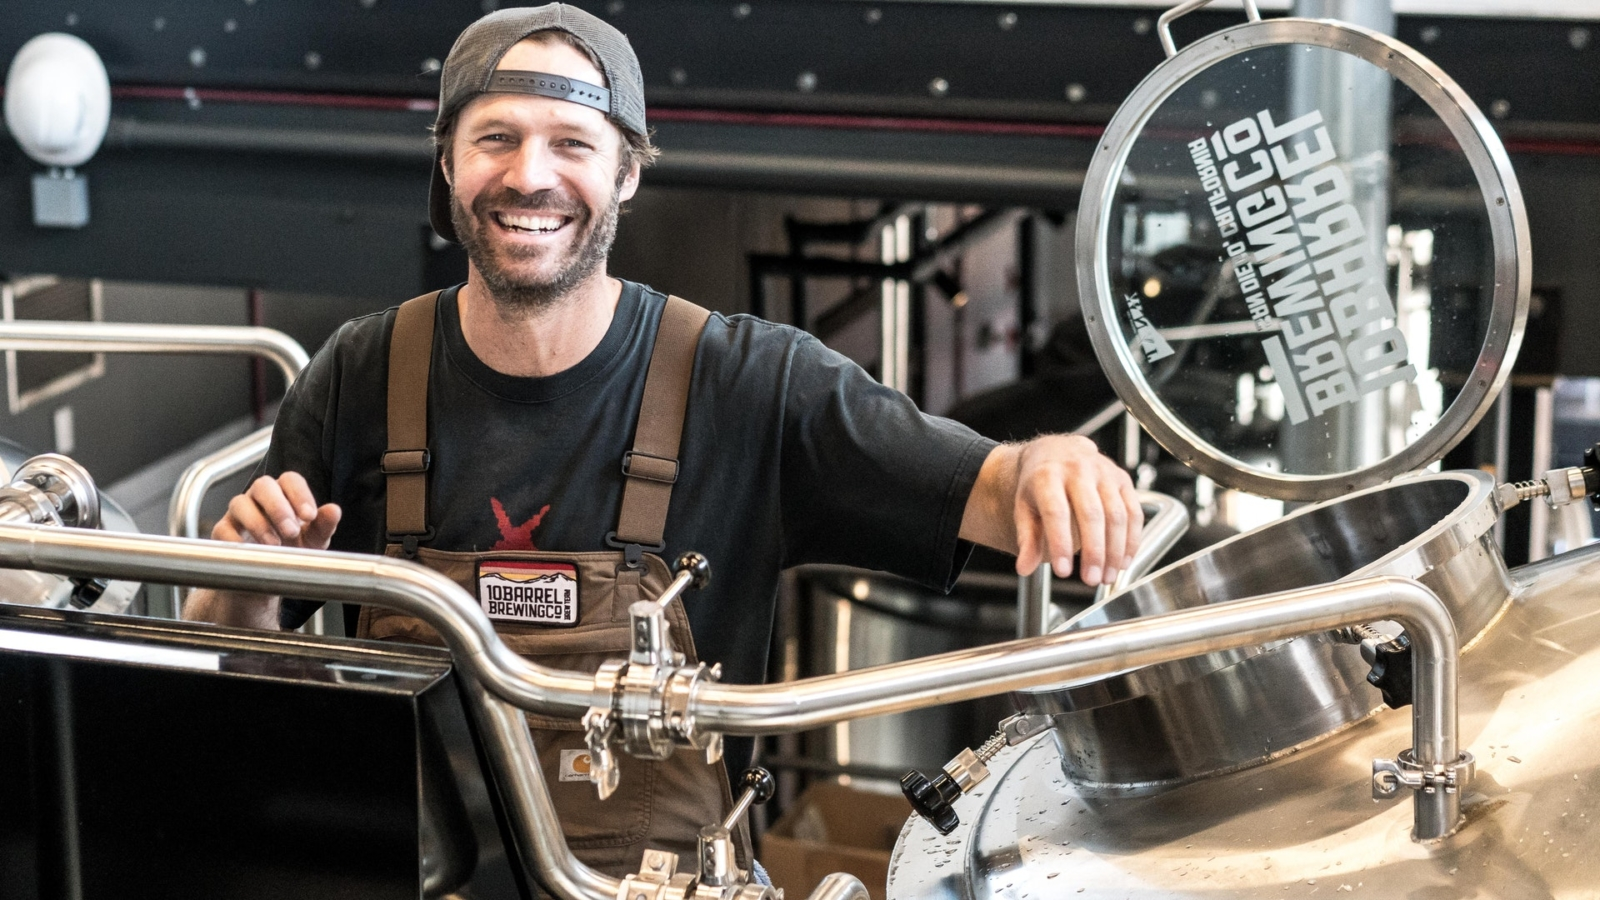 Bier als Beruf: Mälzer- und Braumeister/in werden